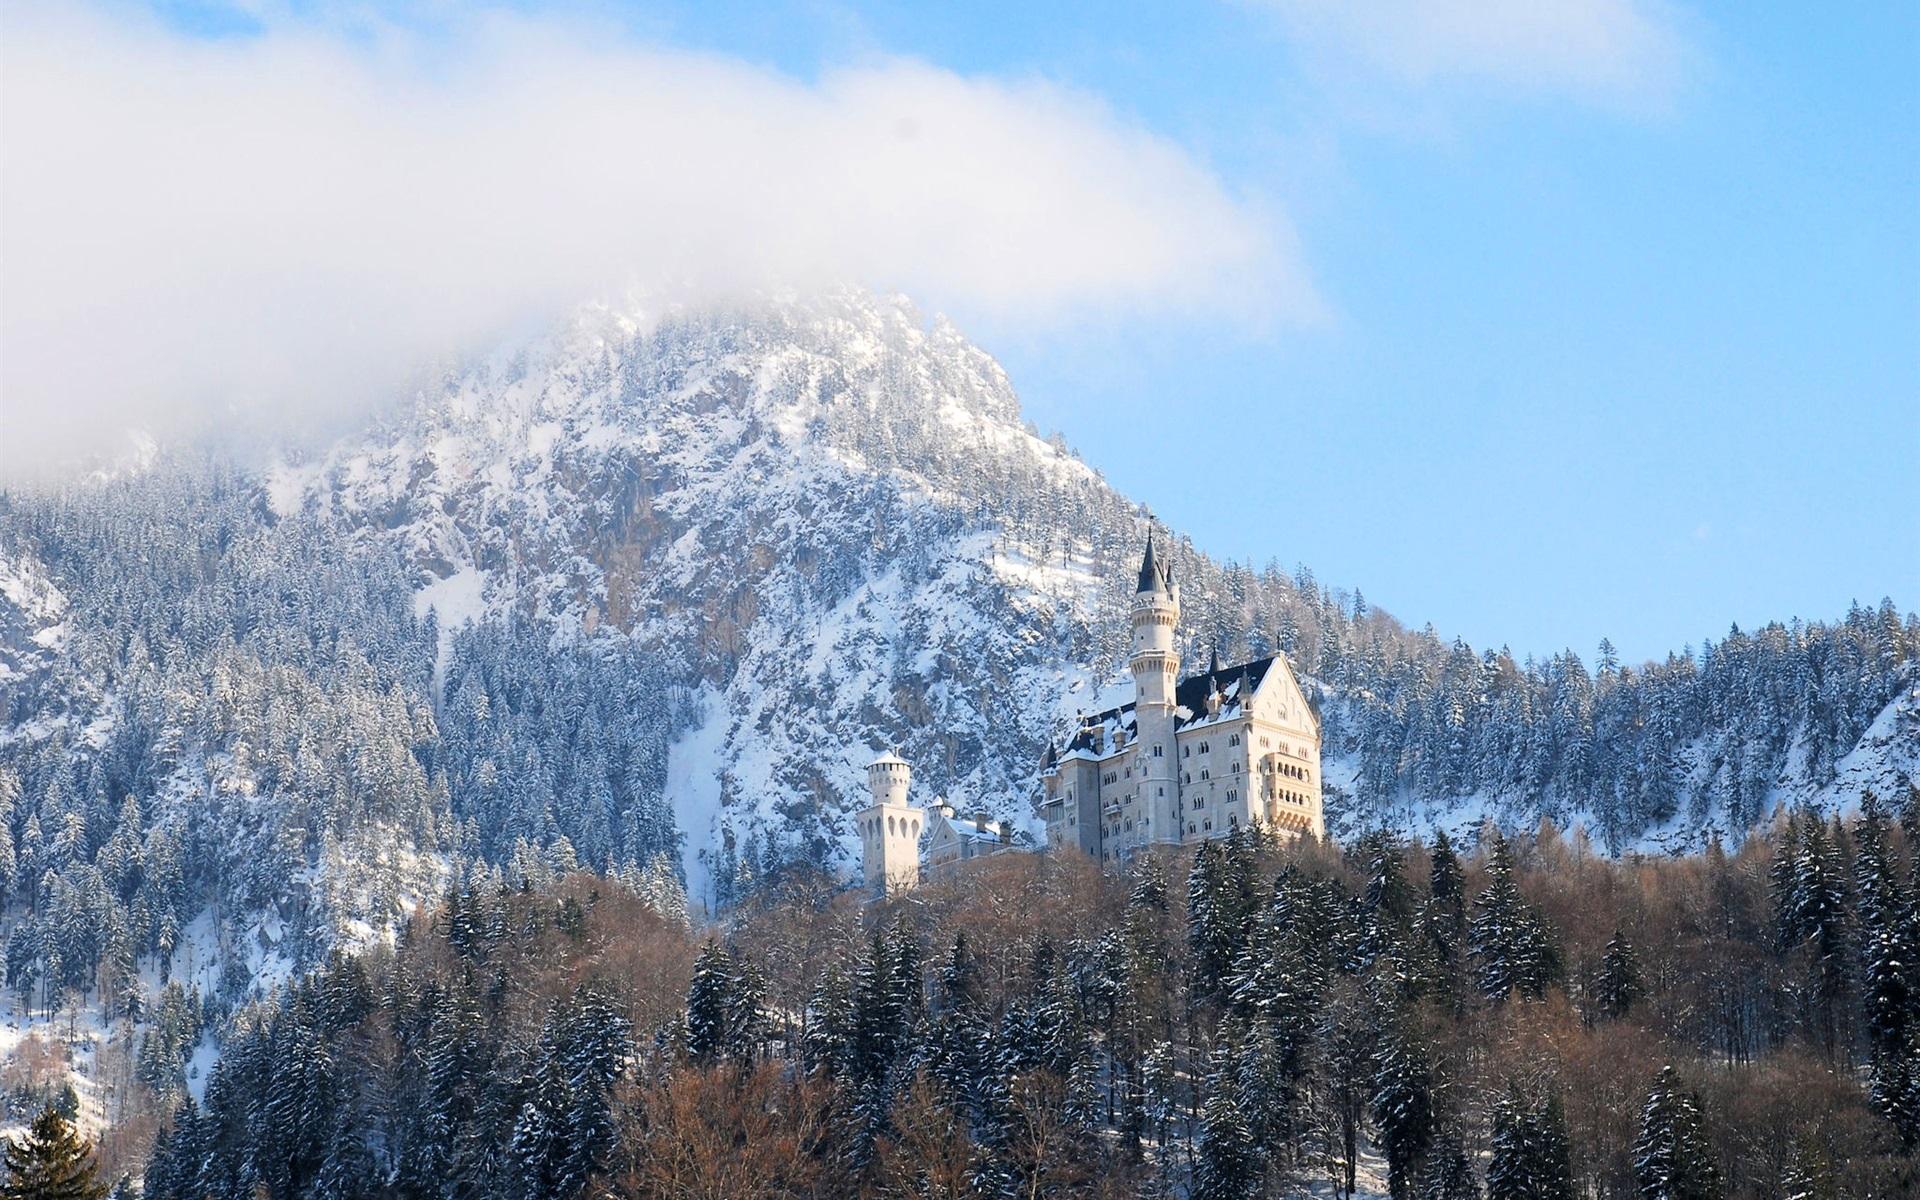 neuschwanstein deutschland bayern schloss winter b ume 1920x1200 hd hintergrundbilder hd bild. Black Bedroom Furniture Sets. Home Design Ideas